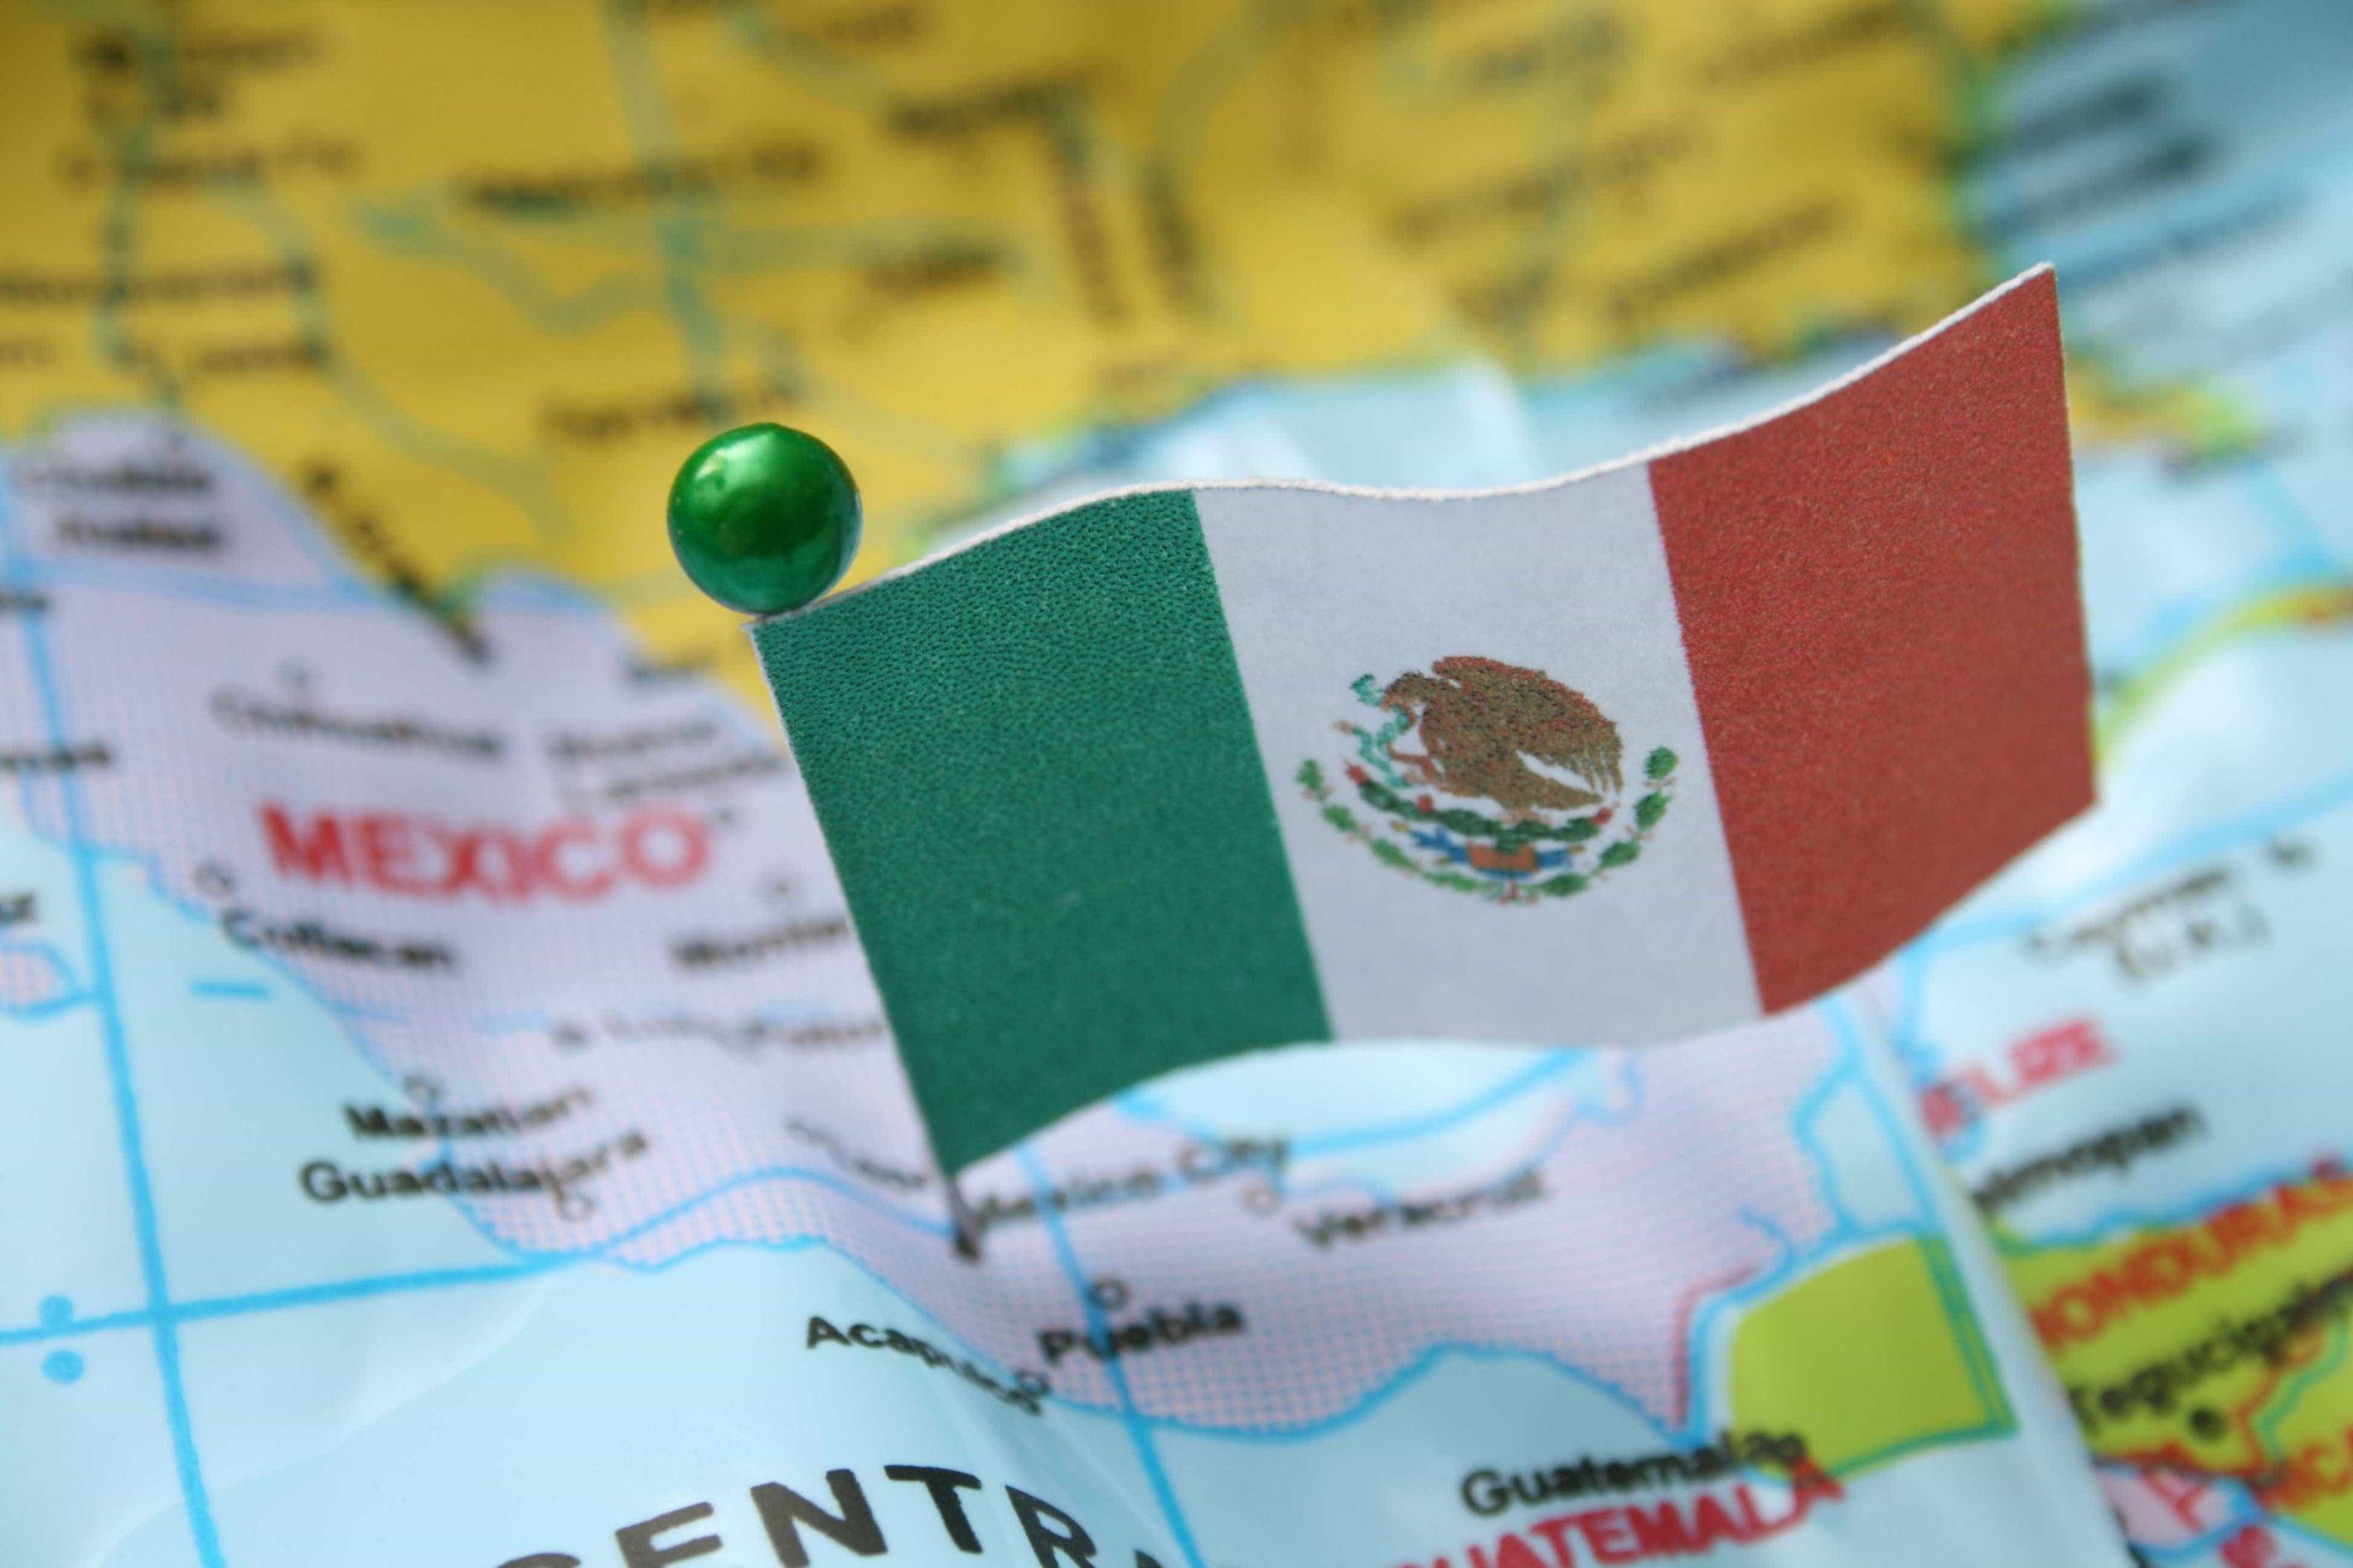 Dezanove corpos encontrados em canal de águas residuais no México